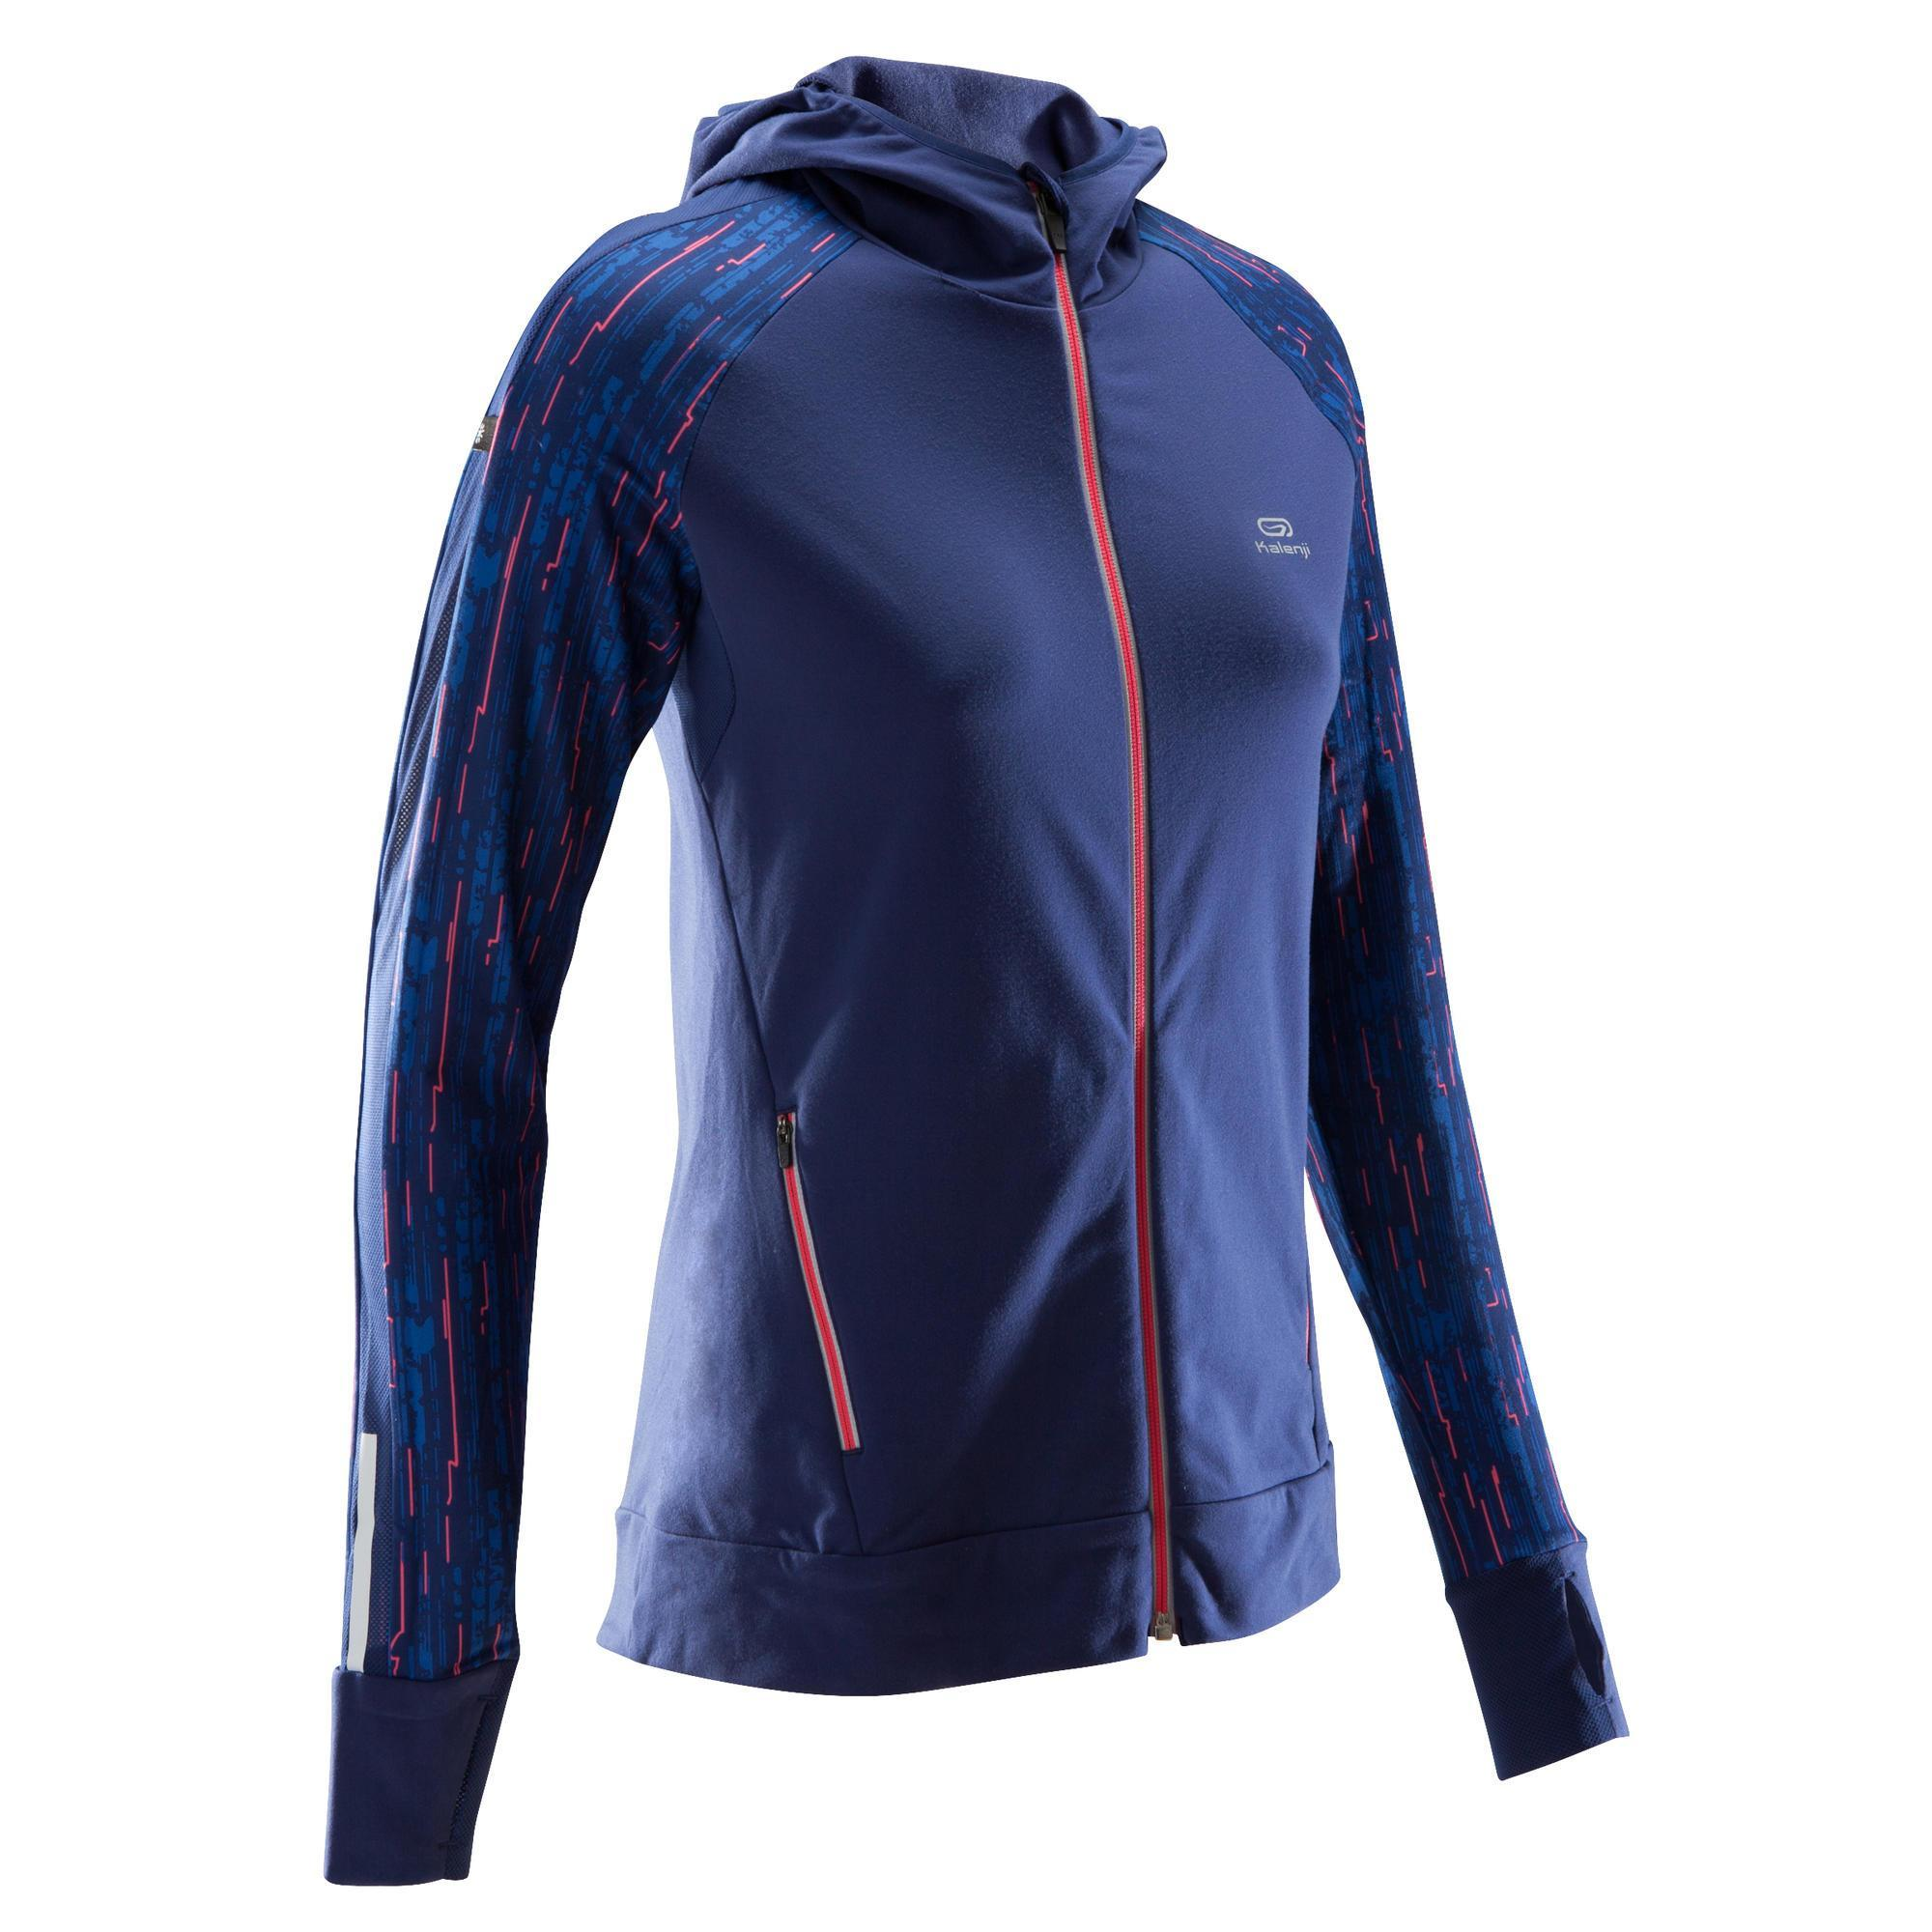 4110f6d9066 Comprar Cortavientos y Chaquetas de Running Mujer | Decathlon